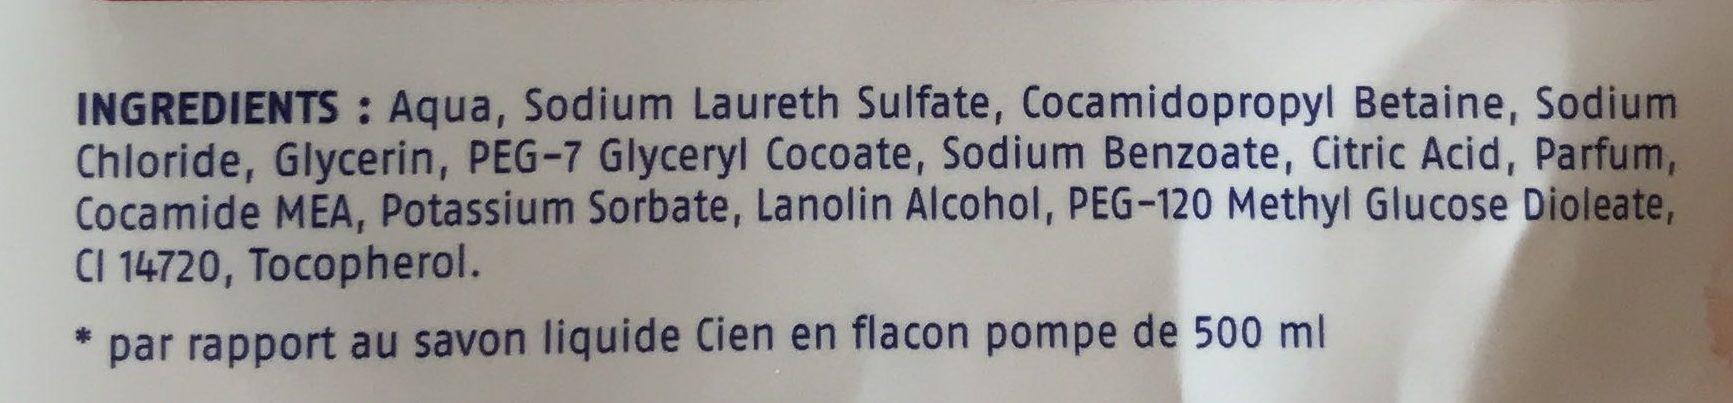 Recharge Savon liquide pour les mains Grenade - Ingredients - fr